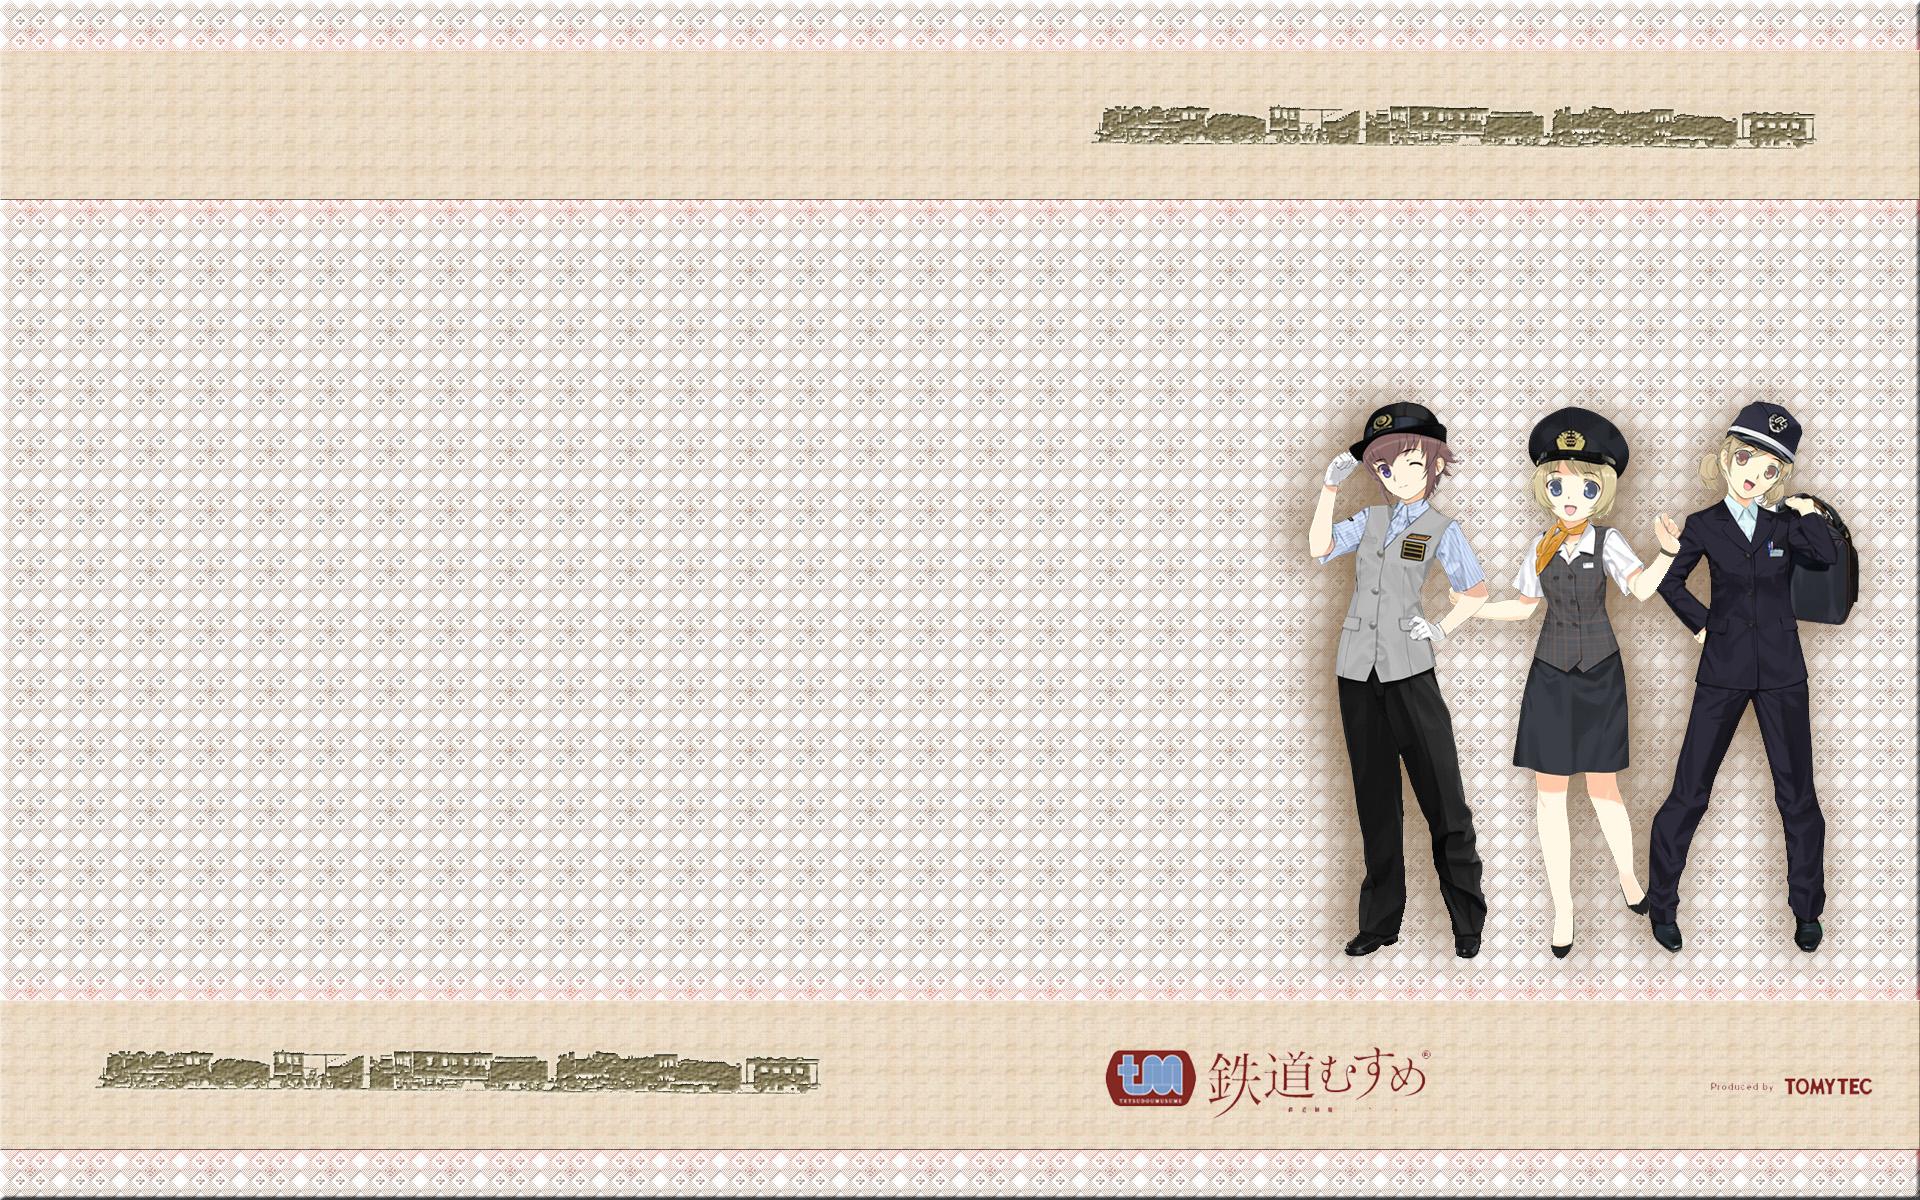 GirlsDelta minami Nanao Hiraizumi Images | Thefemalecelebrity.com